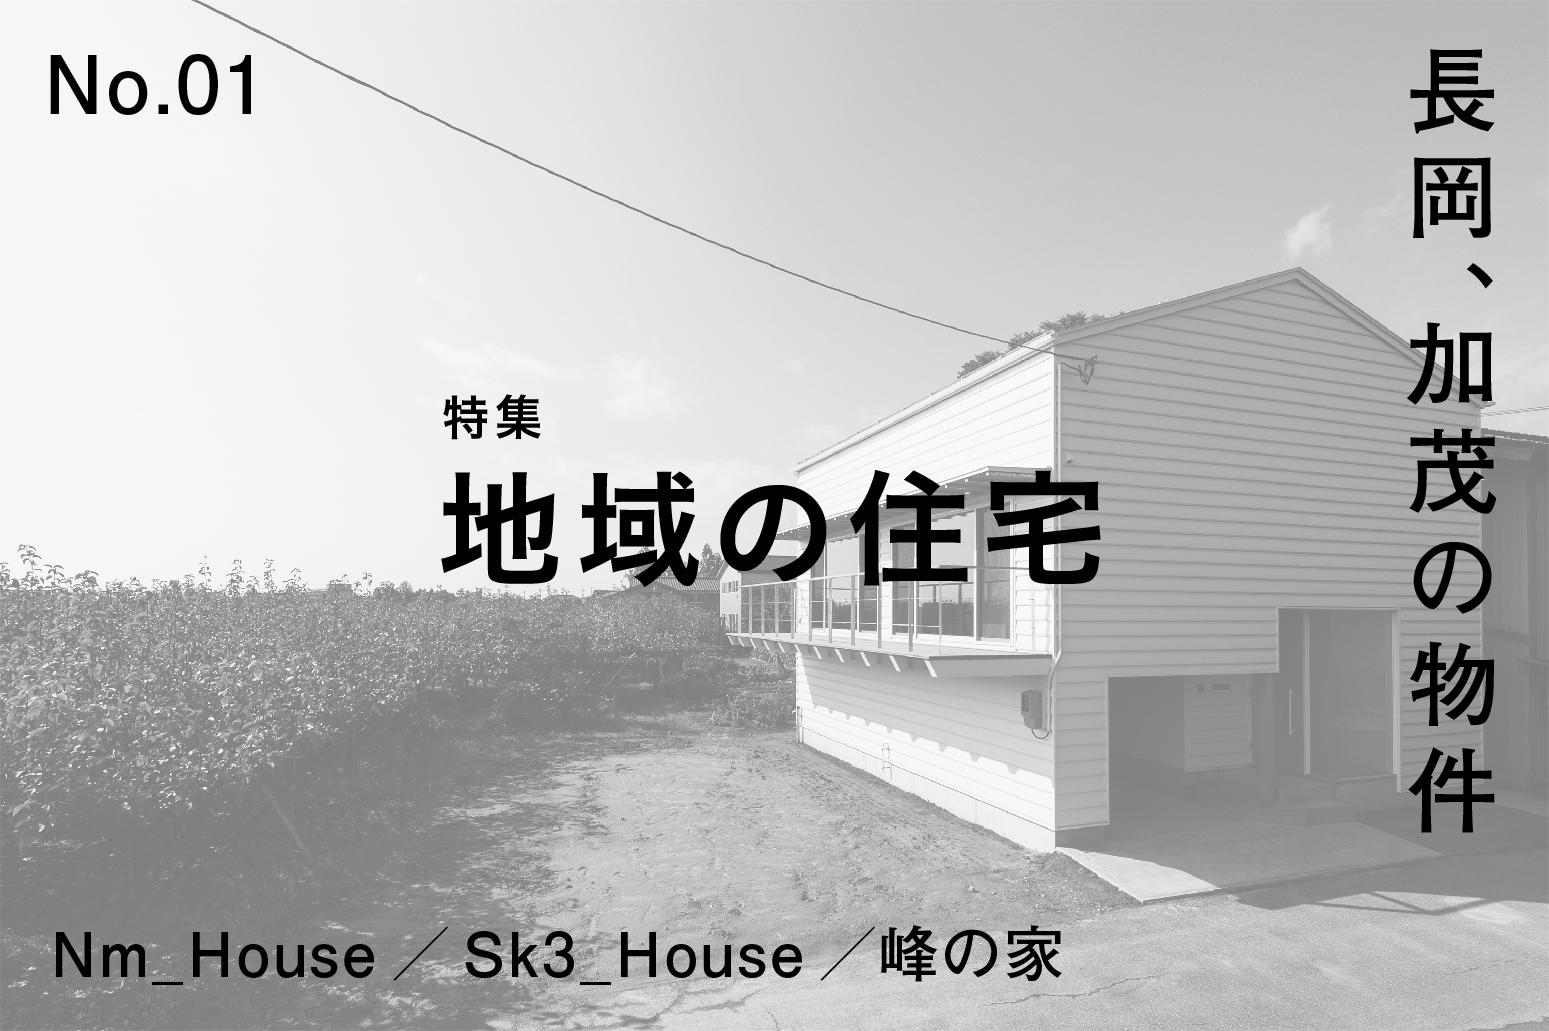 長岡、加茂の物件をまとめた特集です。